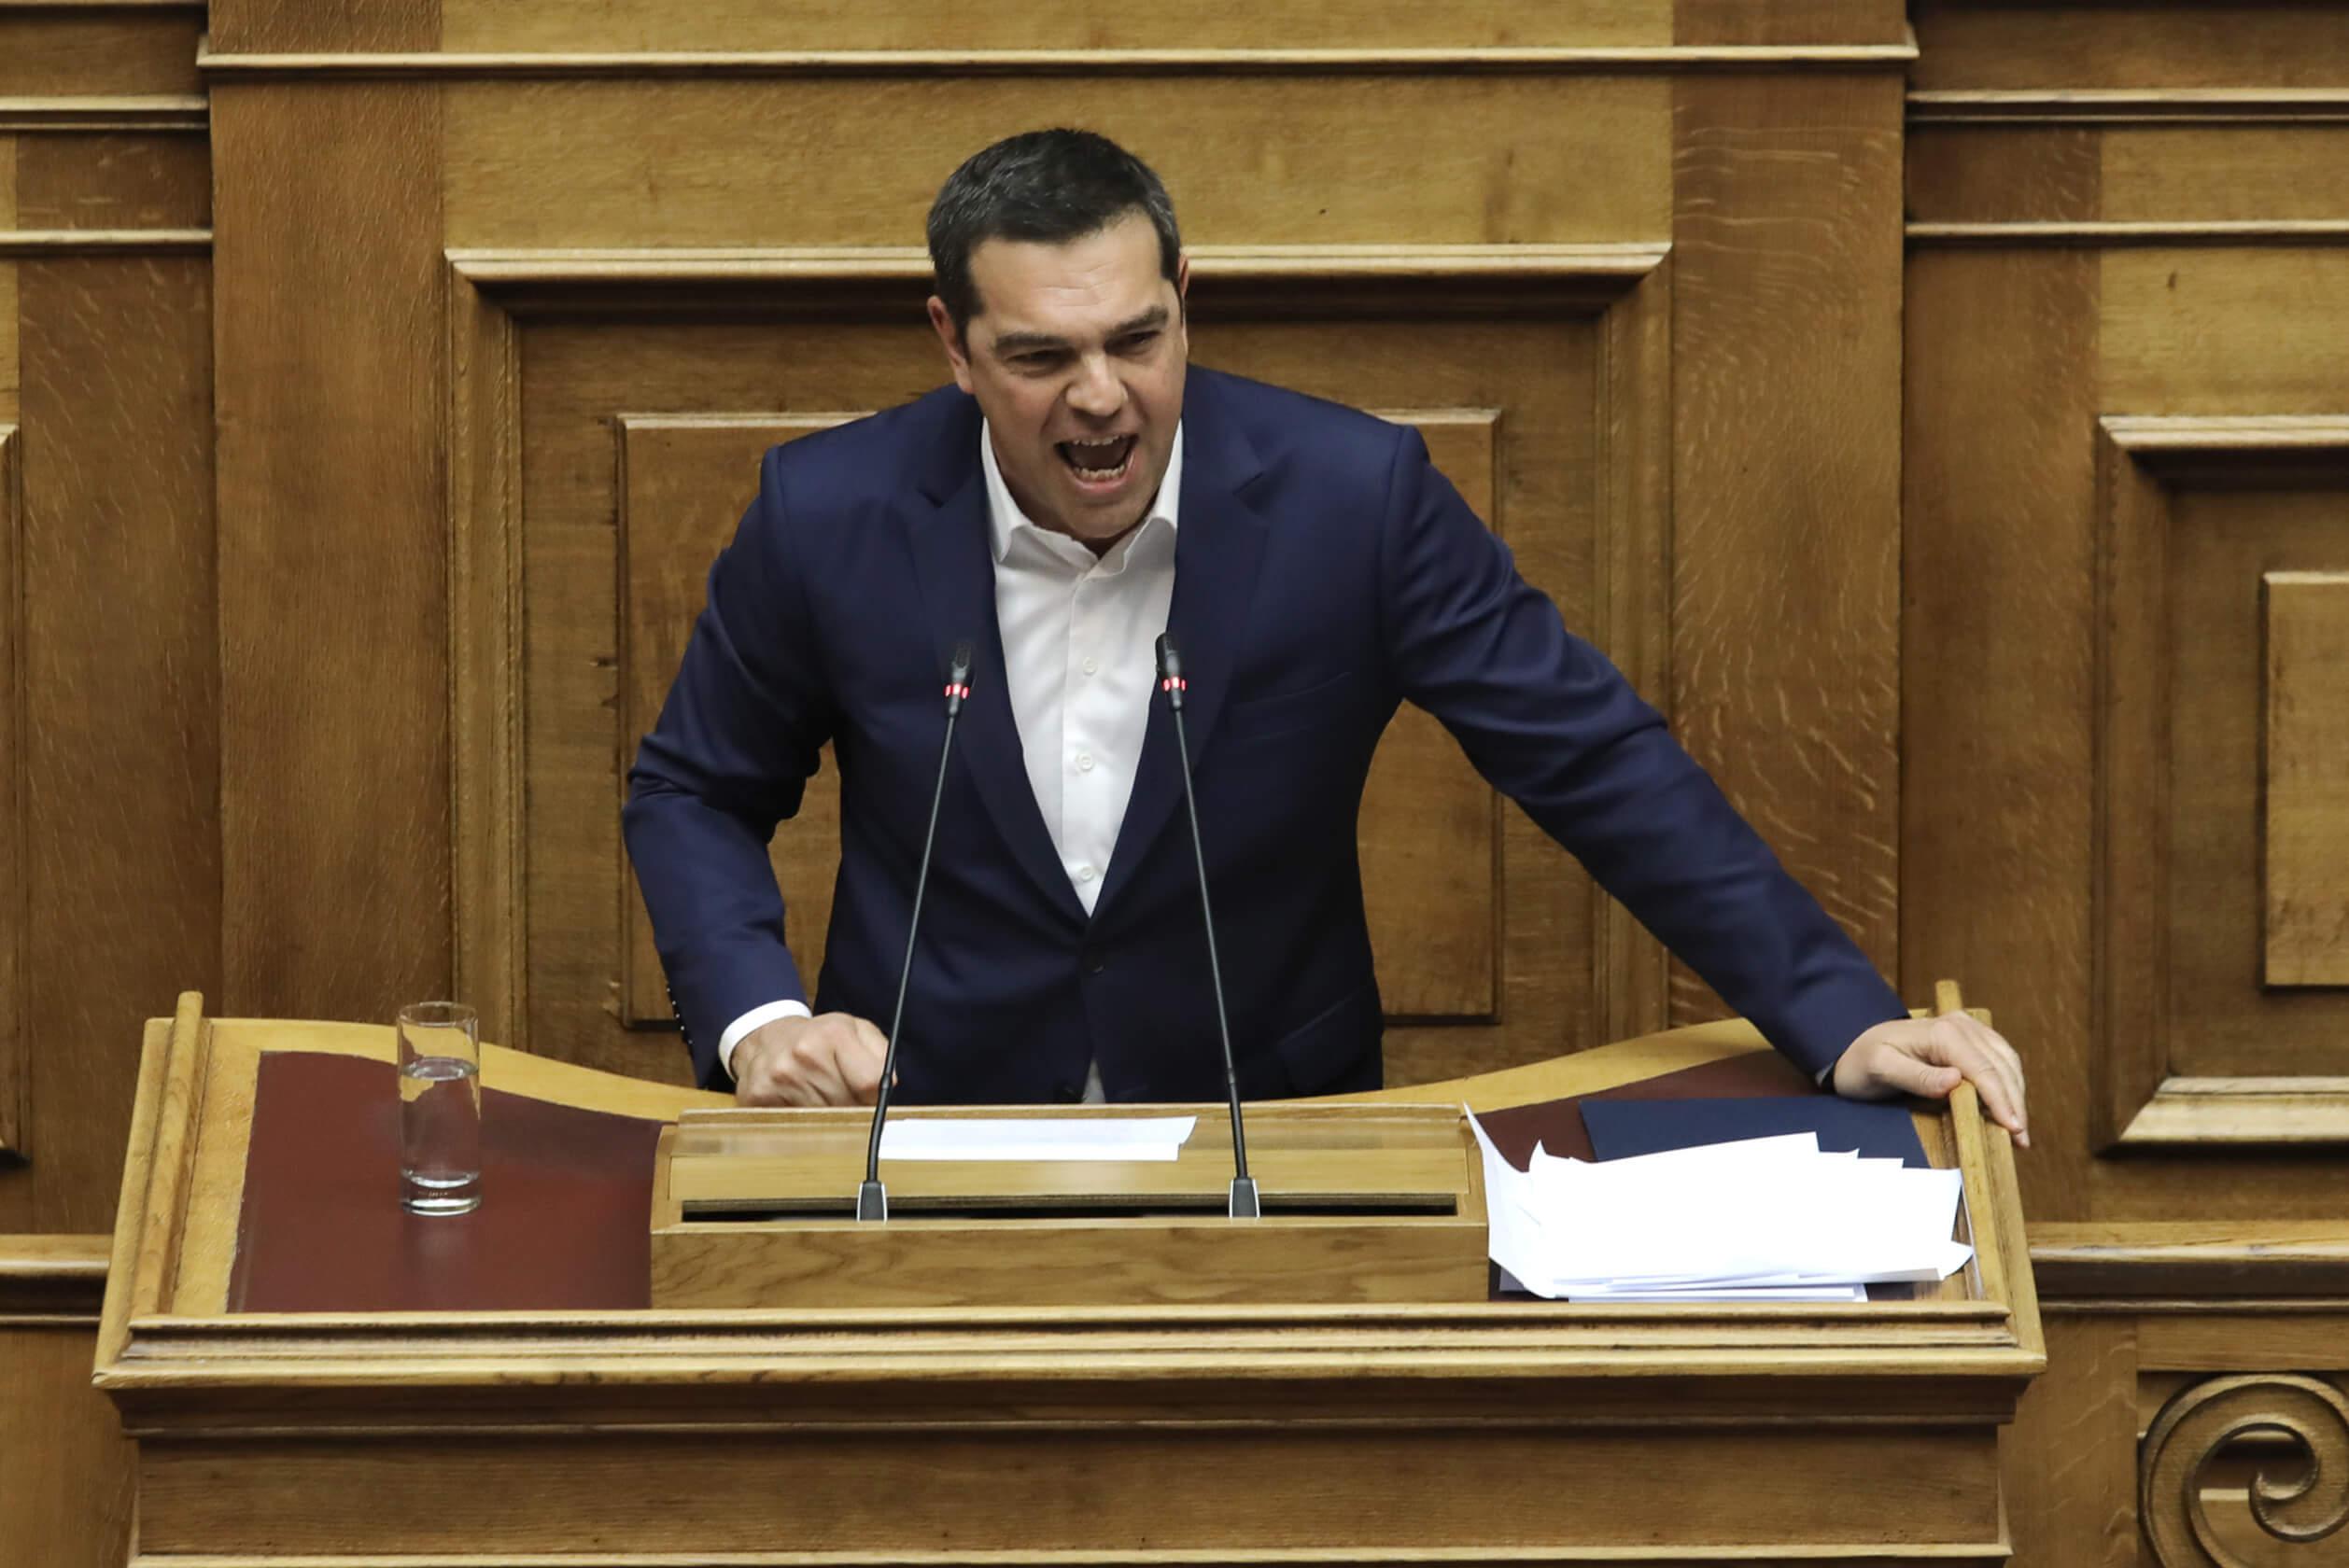 Ψήφος εμπιστοσύνης: Η ομιλία Τσίπρα στην Βουλή – video